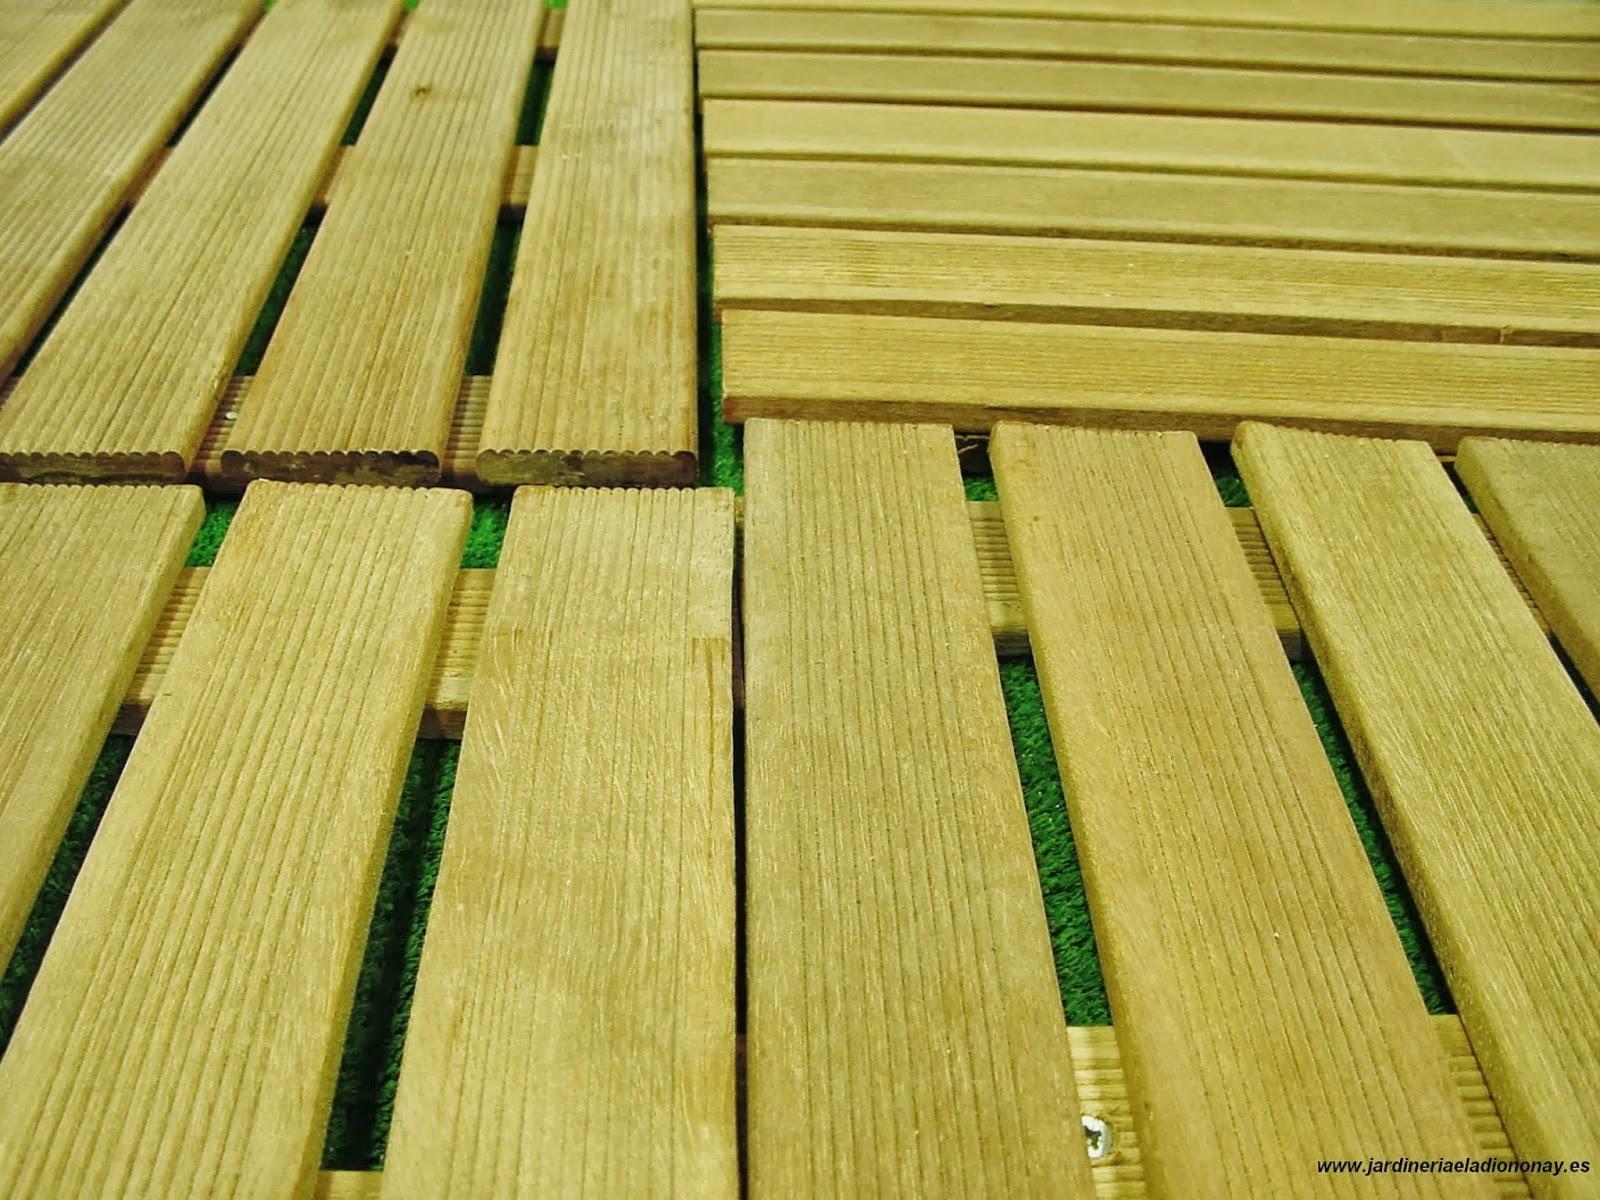 Jardineria eladio nonay losetas o paneles de madera jardiner a eladio nonay - Paneles de madera para jardin ...